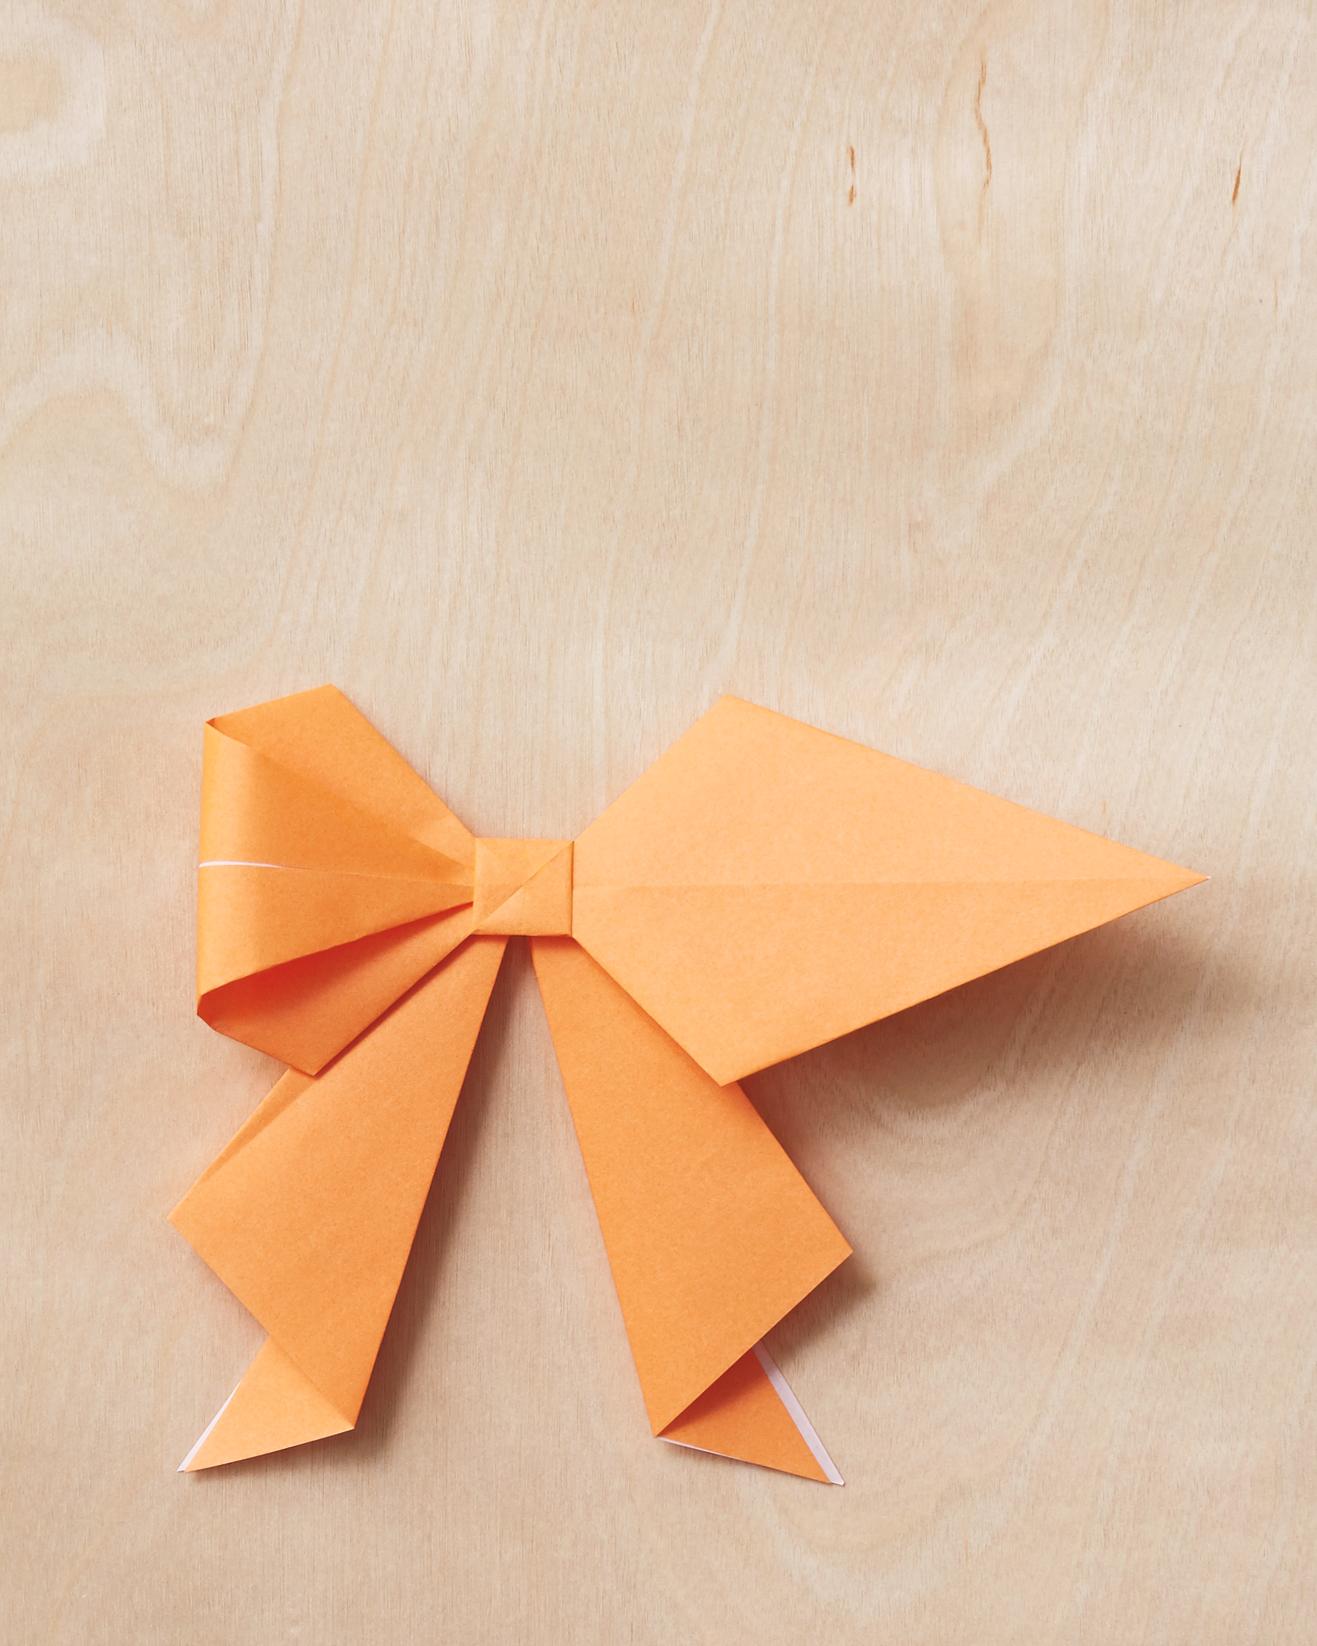 origami-bow-15-220-mwd110795.jpg